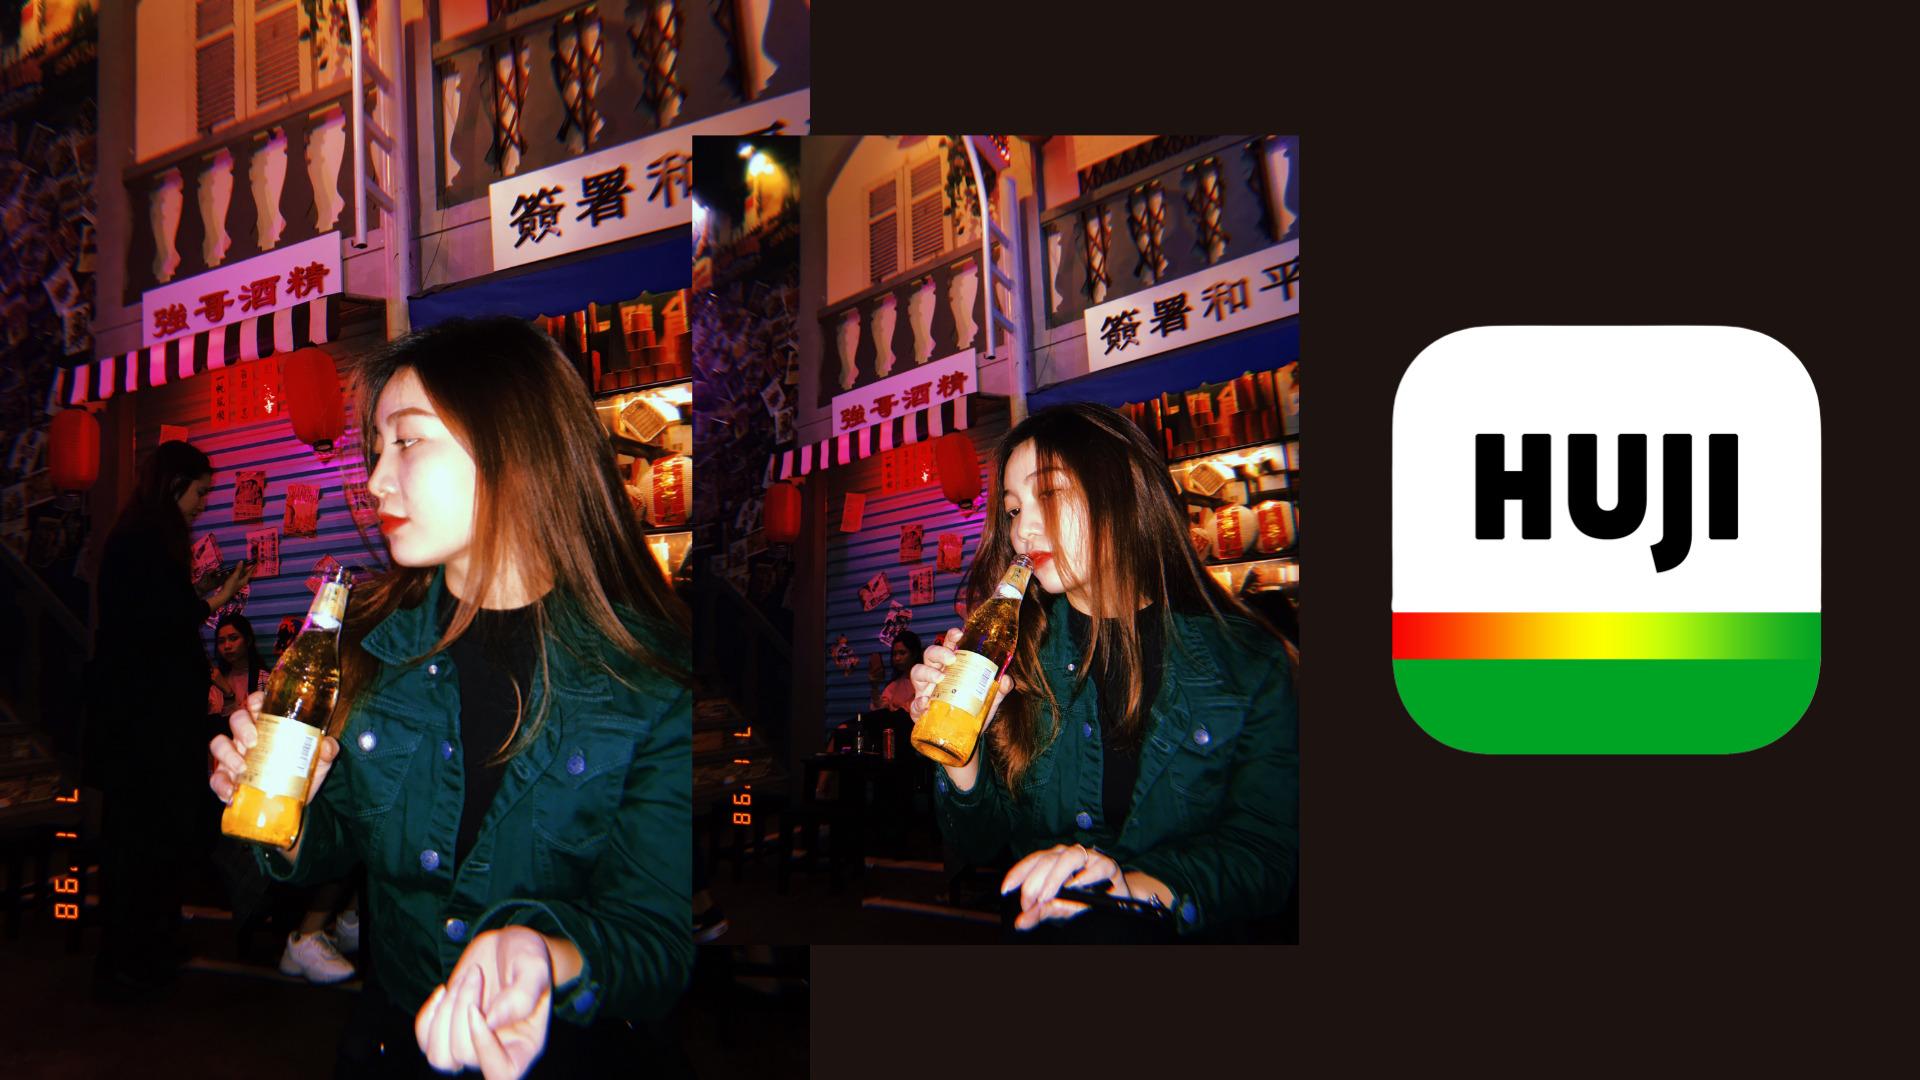 App chụp ảnh Hồng Kông - Huji cam